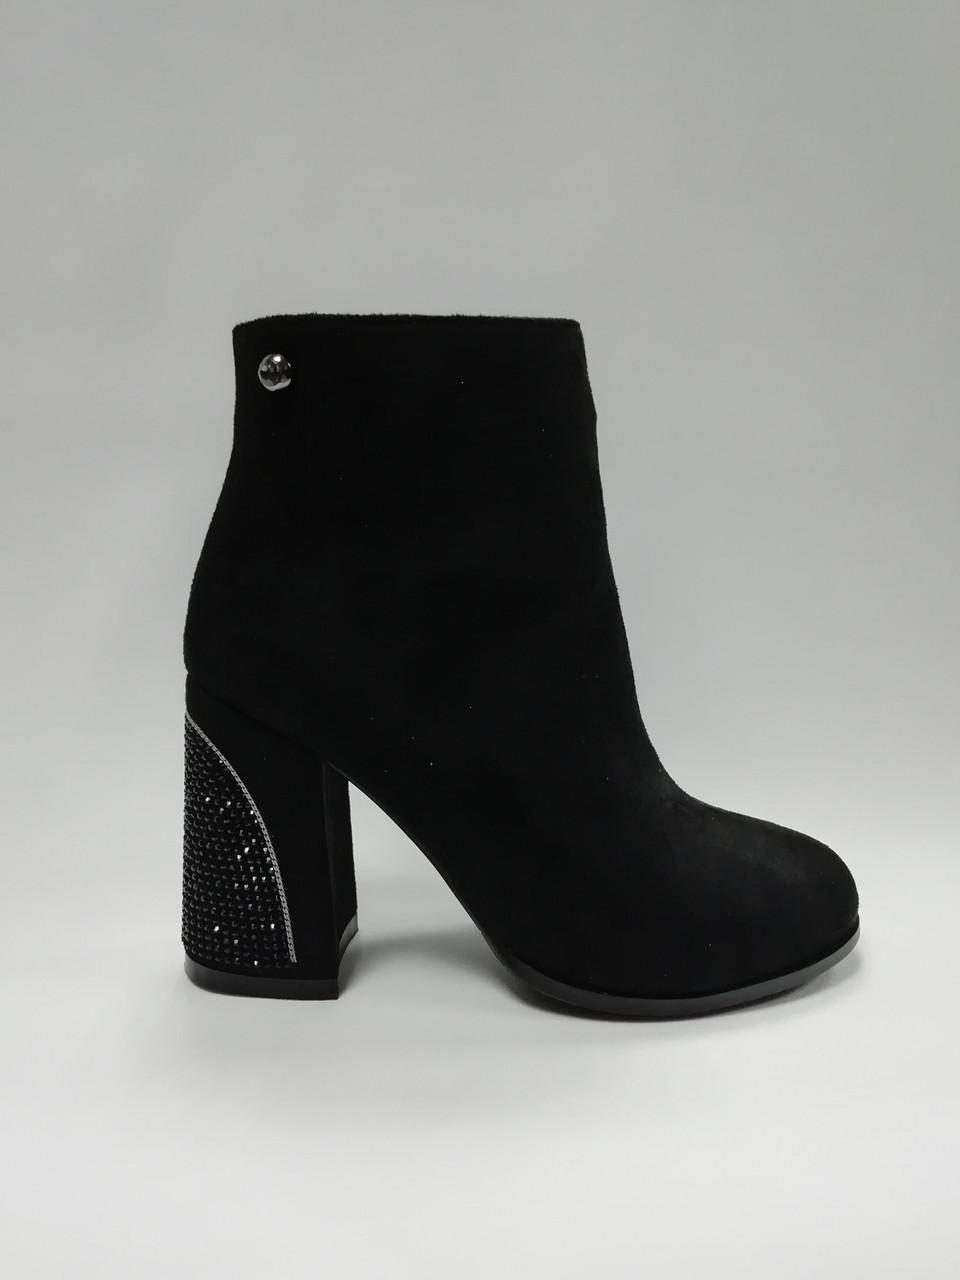 Черные ботинки из эко-замши. Ботильоны. Маленькие размеры (33 - 35).